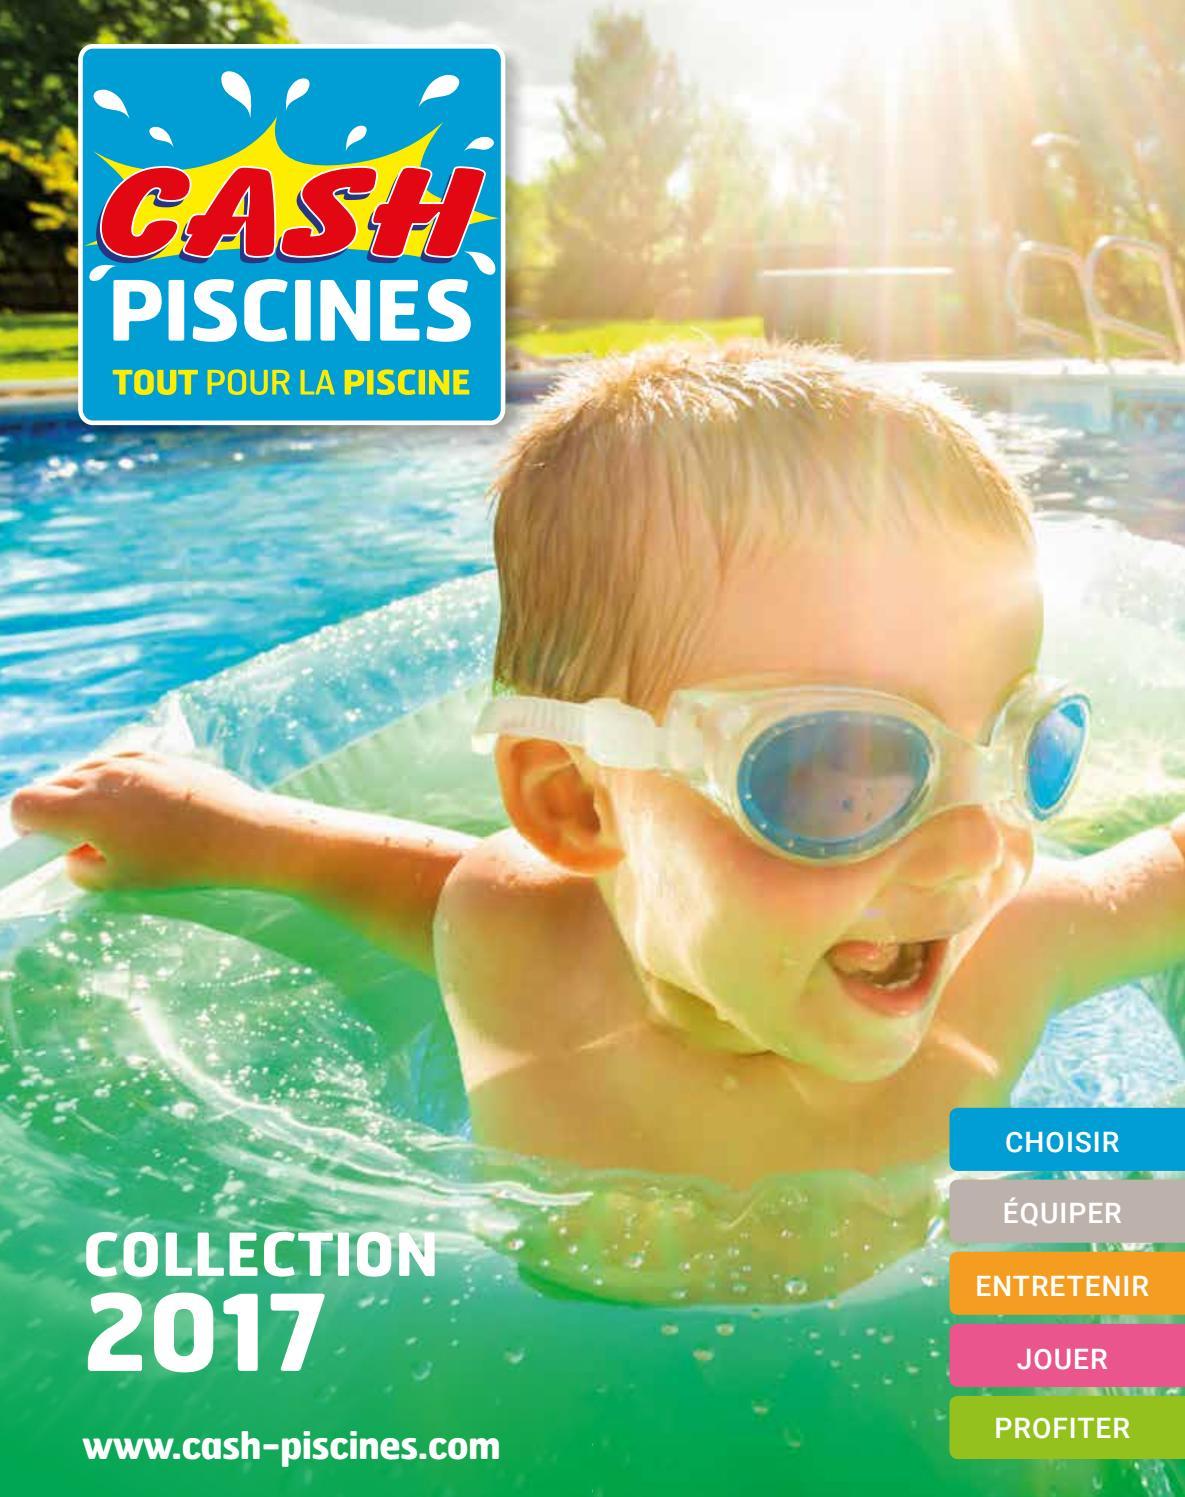 Catalogue Cash Piscine 2017 By Octave Octave - Issuu dedans Cash Piscine Narbonne